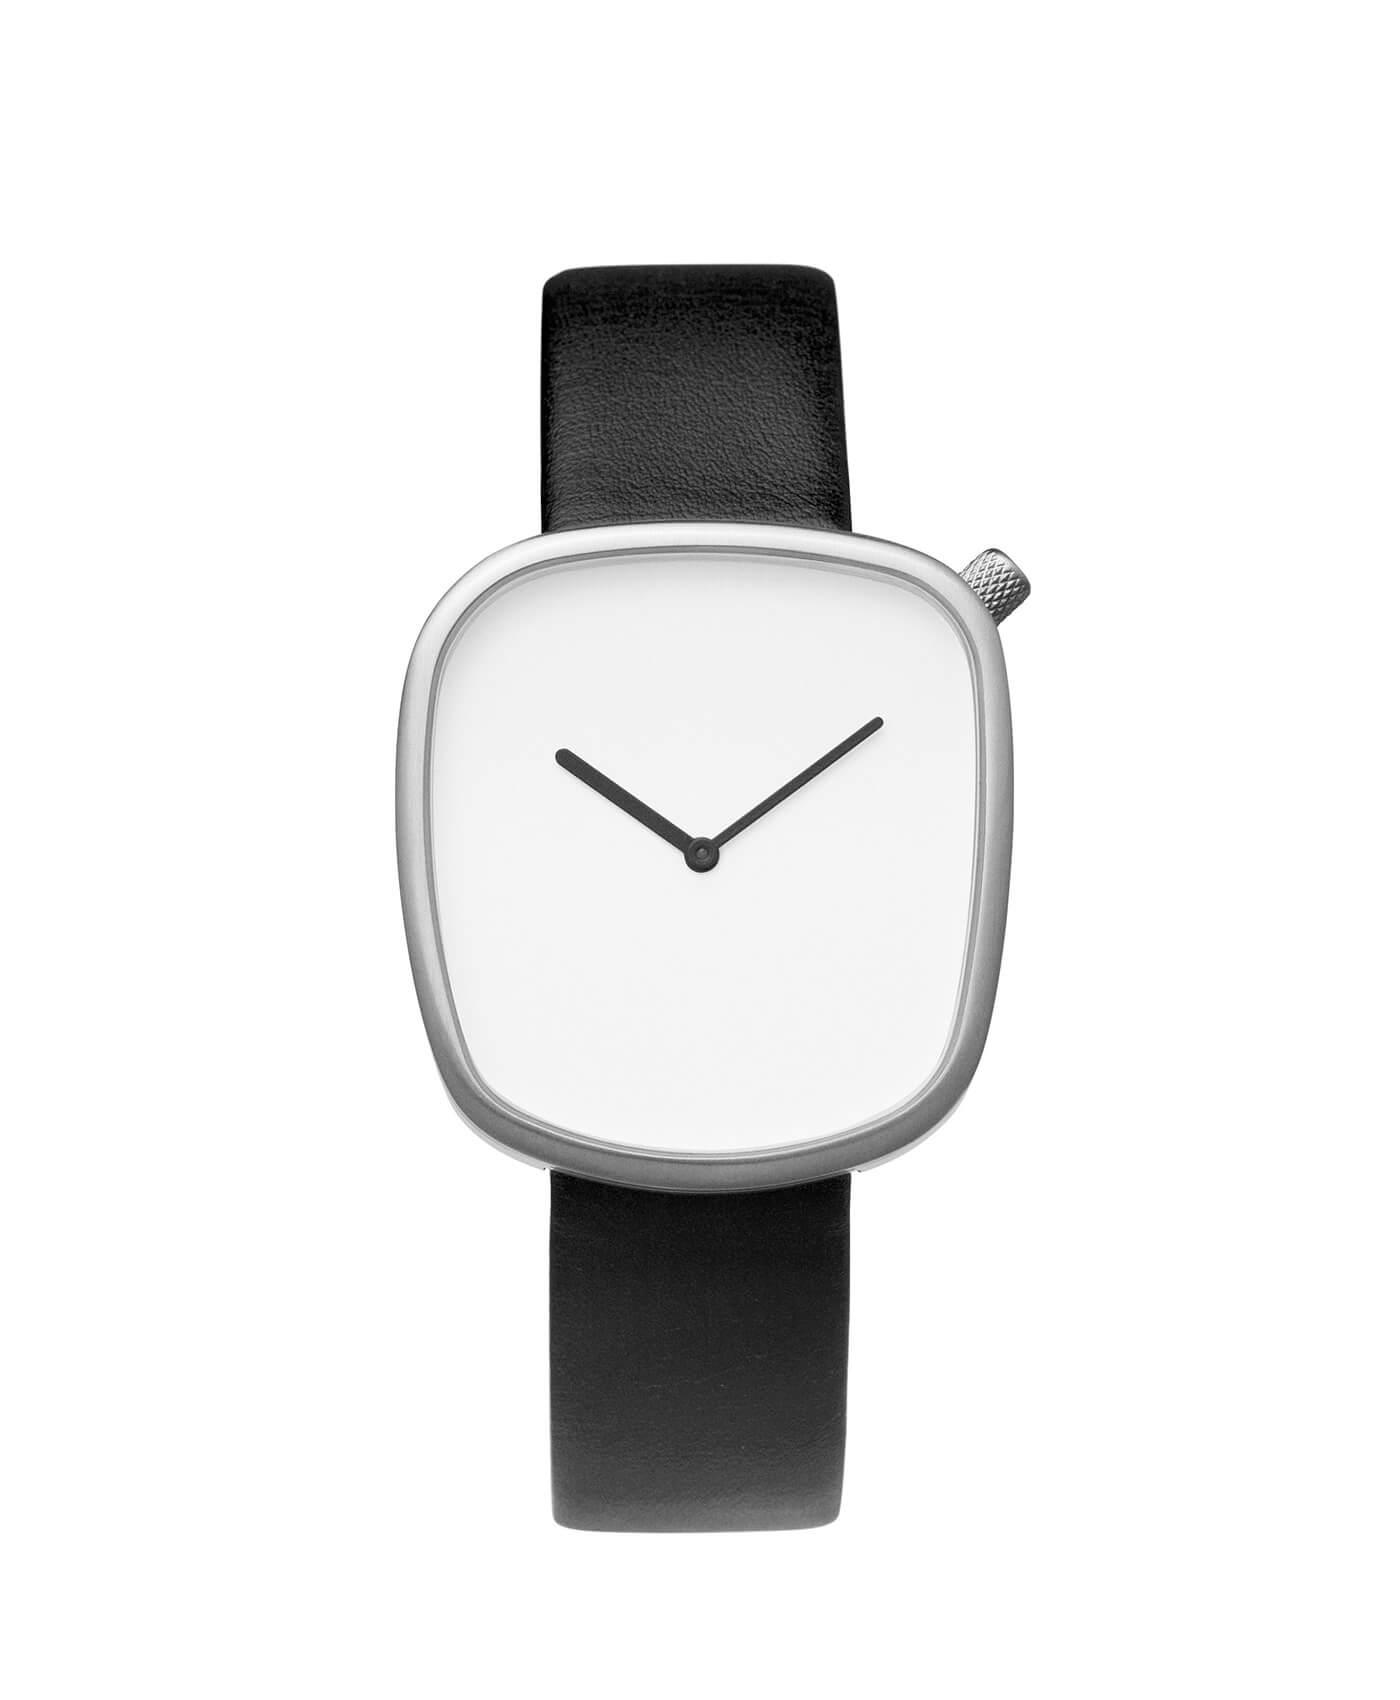 Наручные часы в стиле минимализм